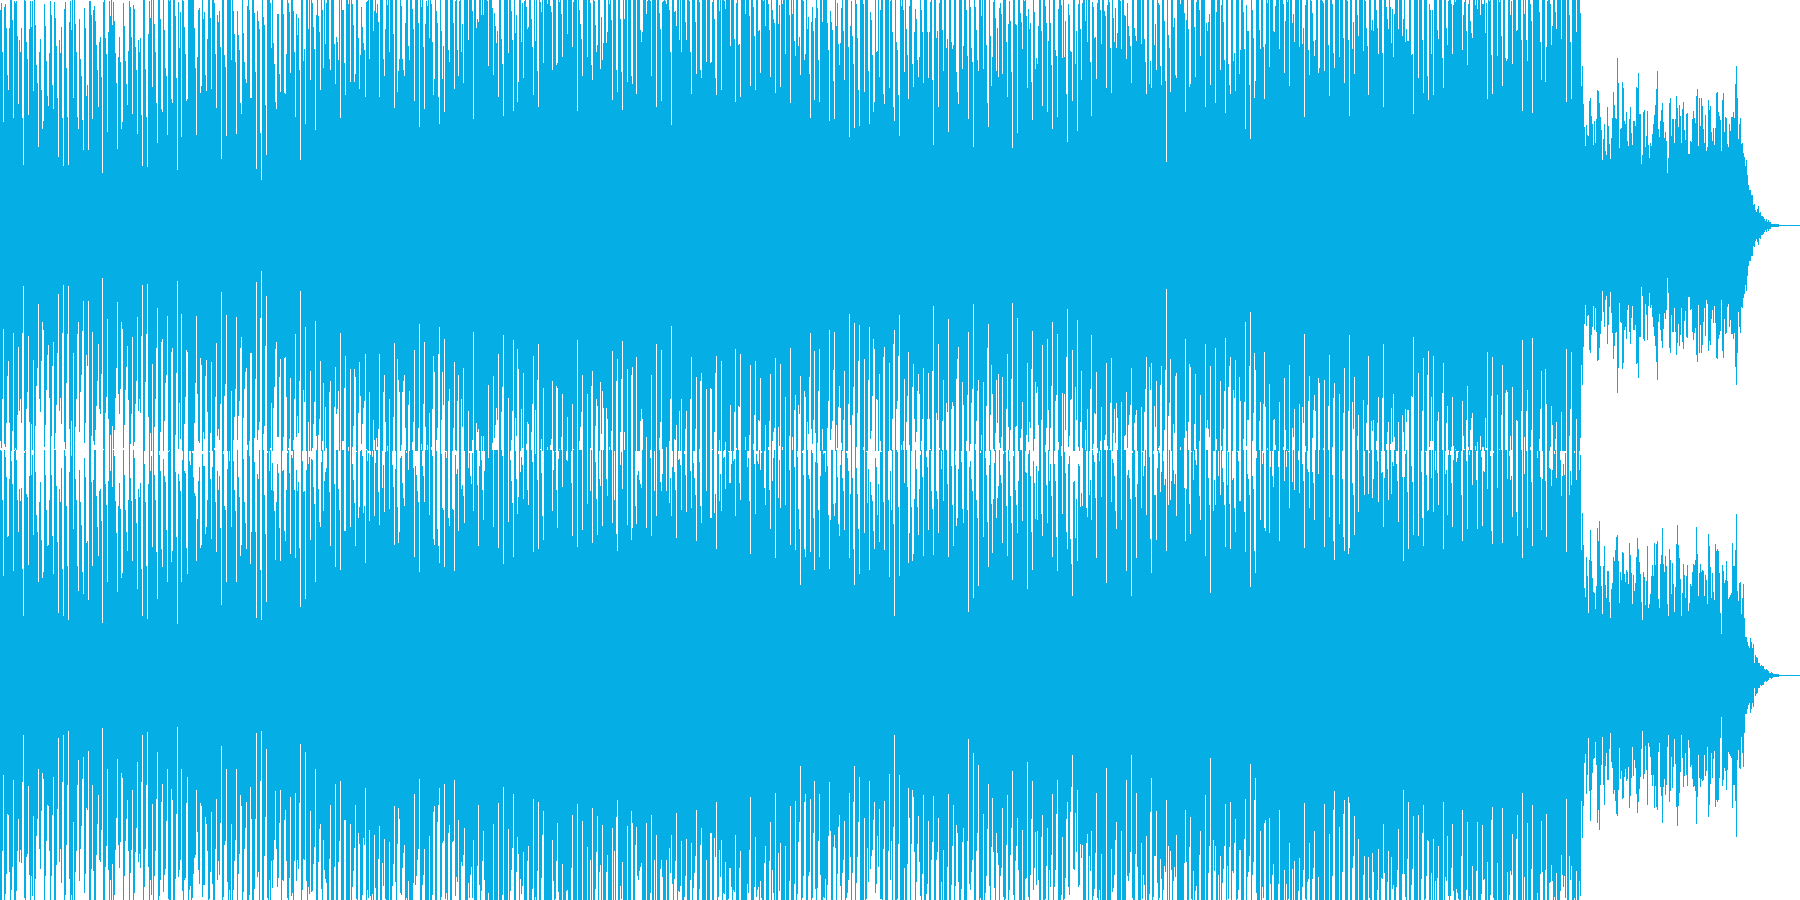 ニュース映像ナレーションバック向け-15の再生済みの波形